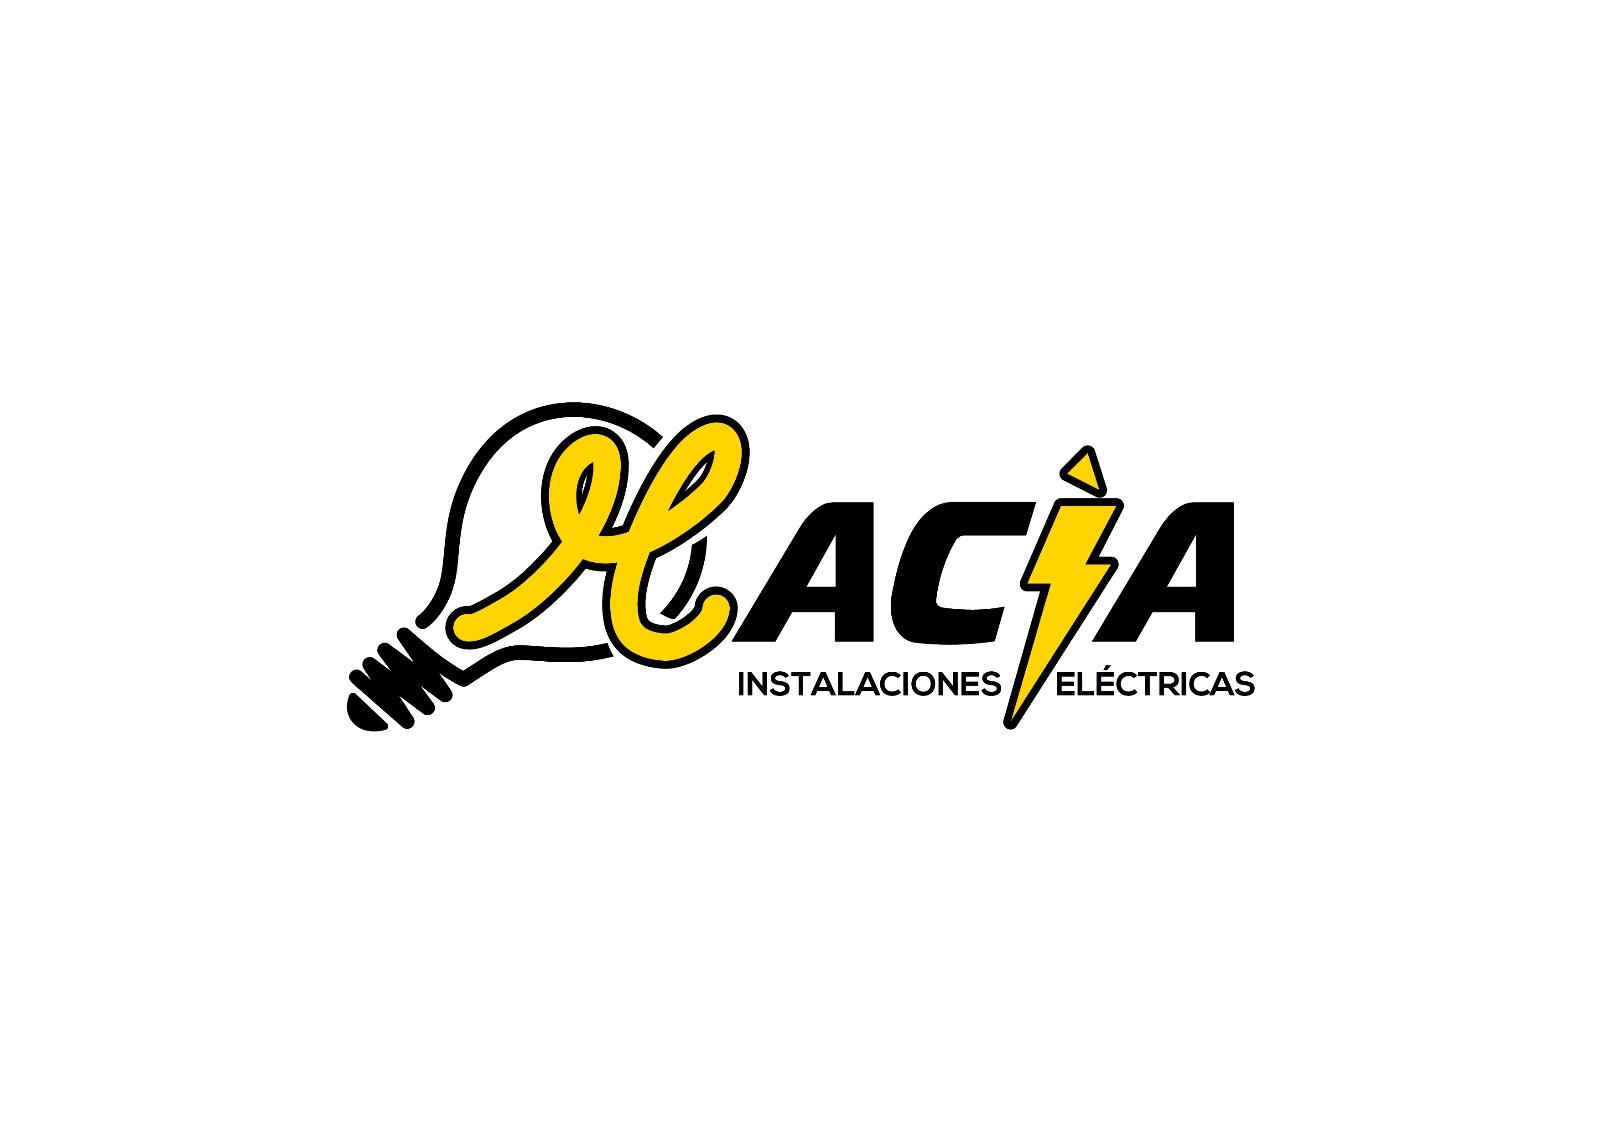 Instalaciones Electricas Macia